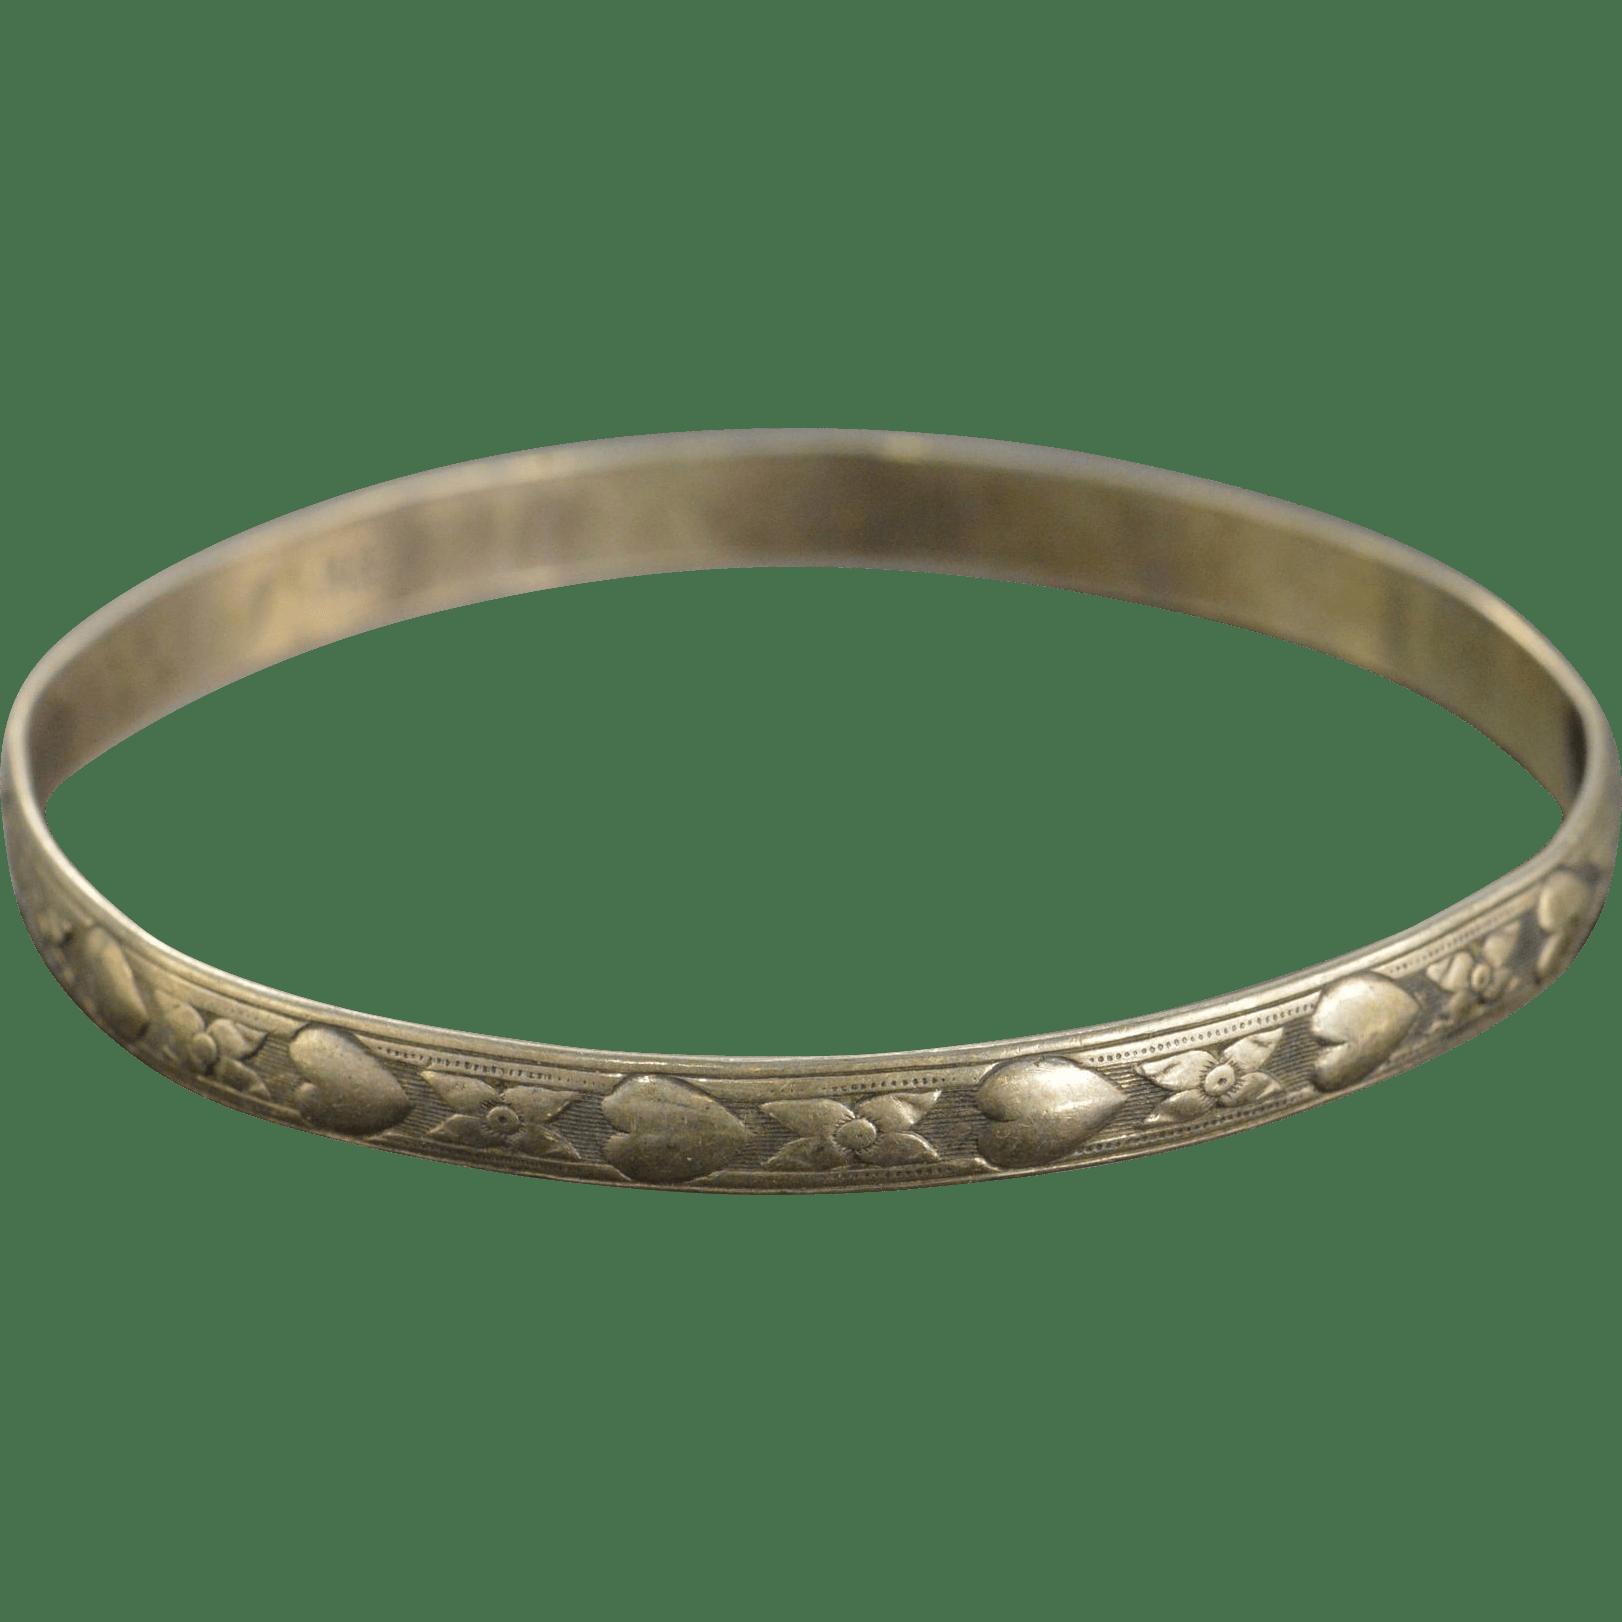 Danecraft Sterling Flower Heart Design Bangle Bracelet